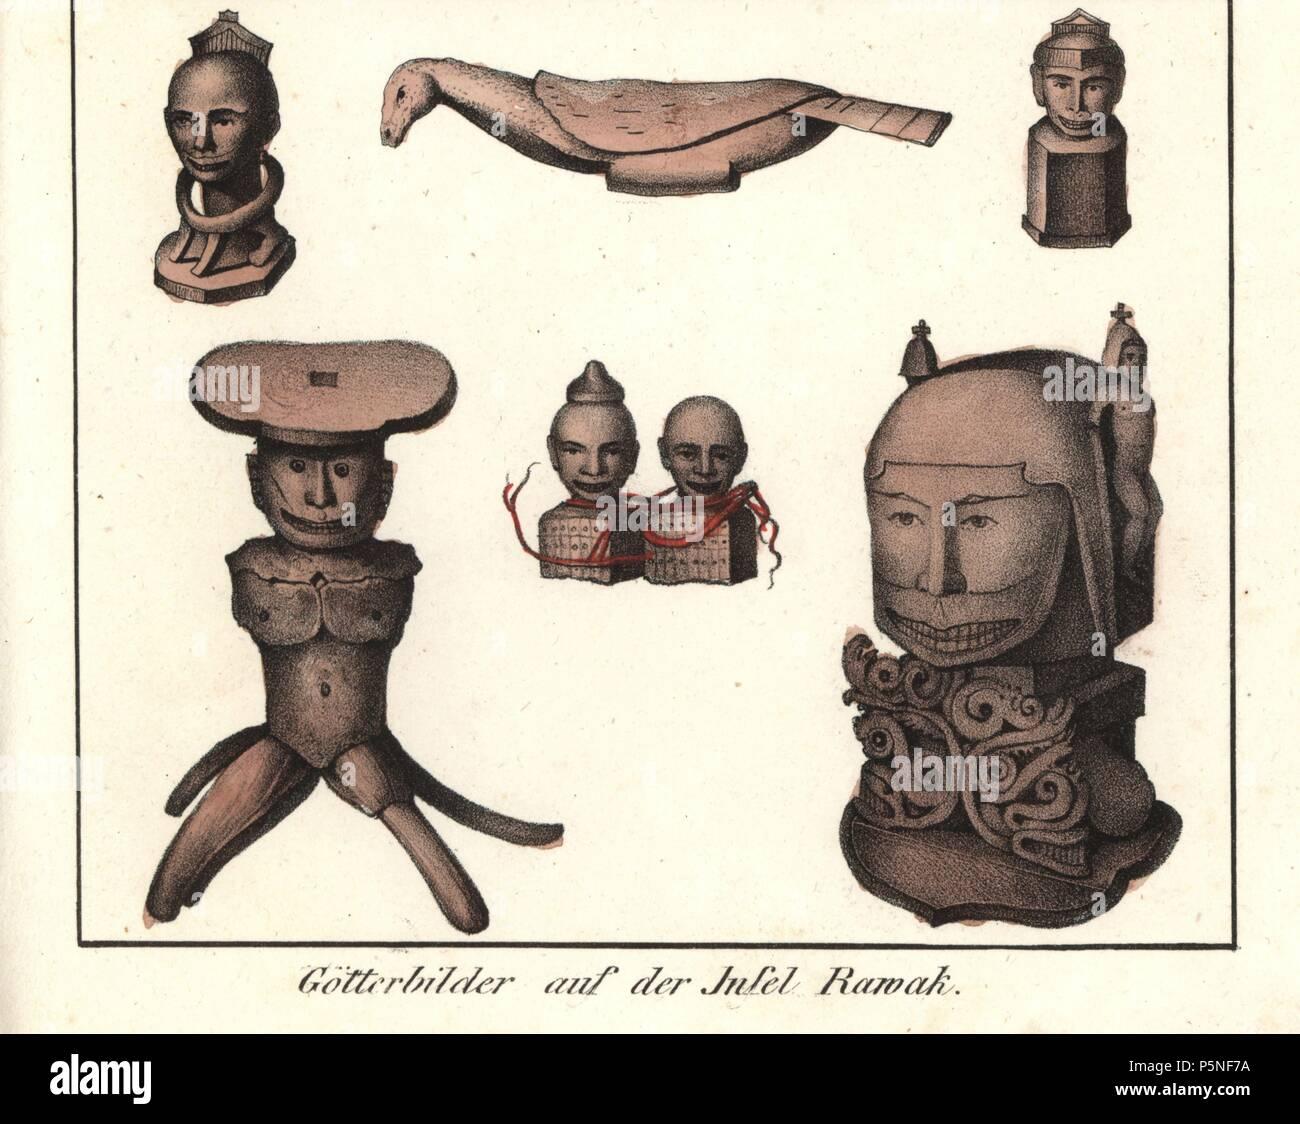 Circa 1840 A Wooden Stock Photos & Circa 1840 A Wooden Stock Images ...